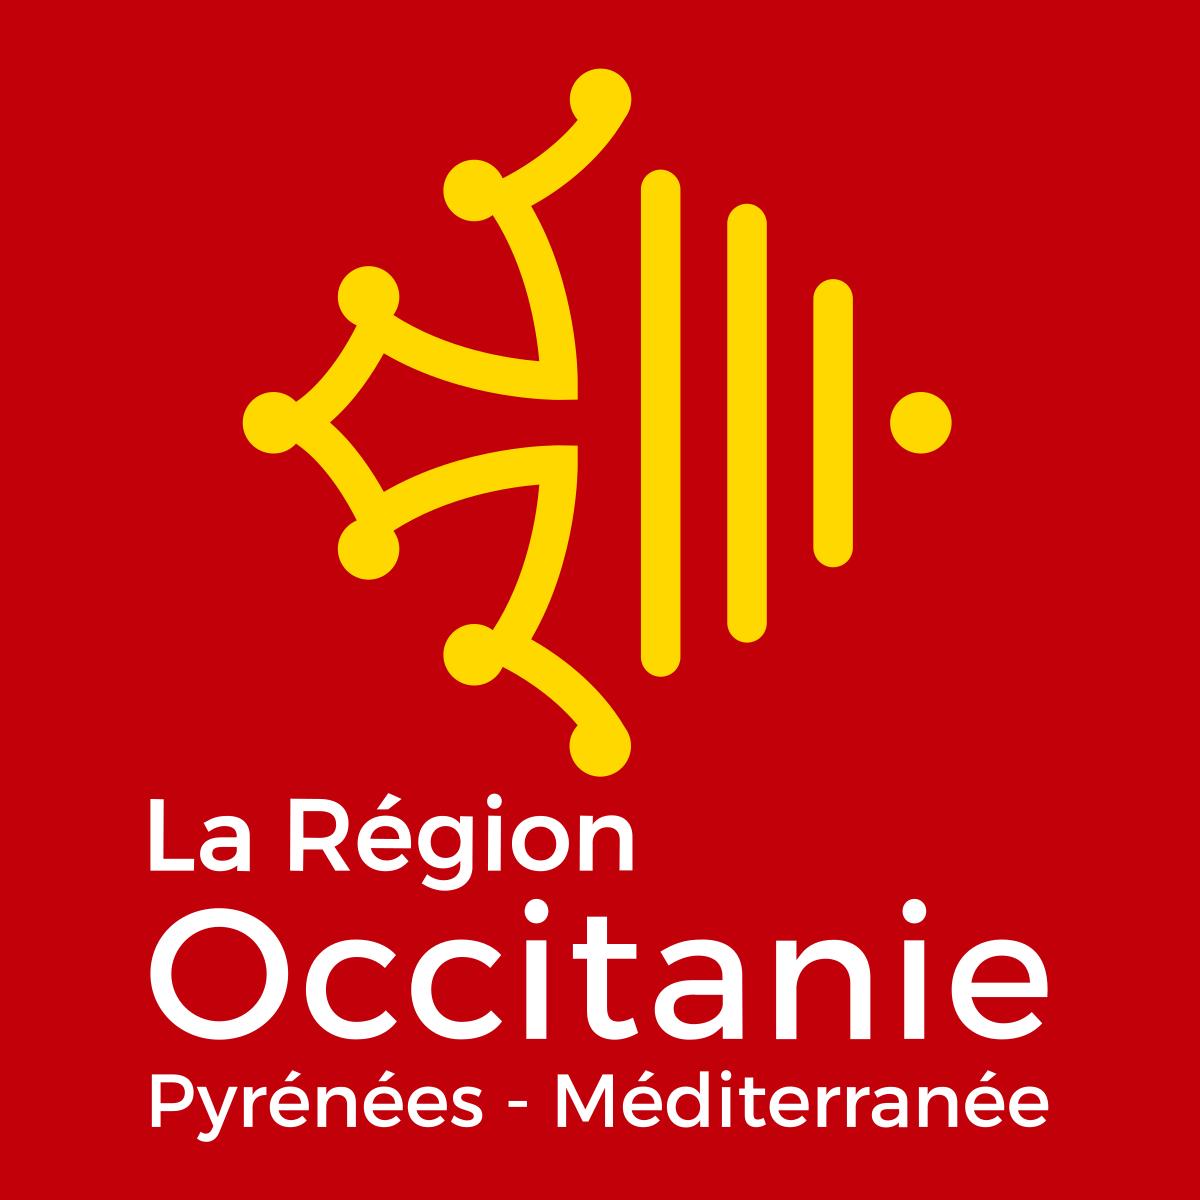 [Région Occitanie] Carte Occ'Ygène gratuite + jusqu'à 300€ de crédits par foyer si quotient familial inférieur à 1000€